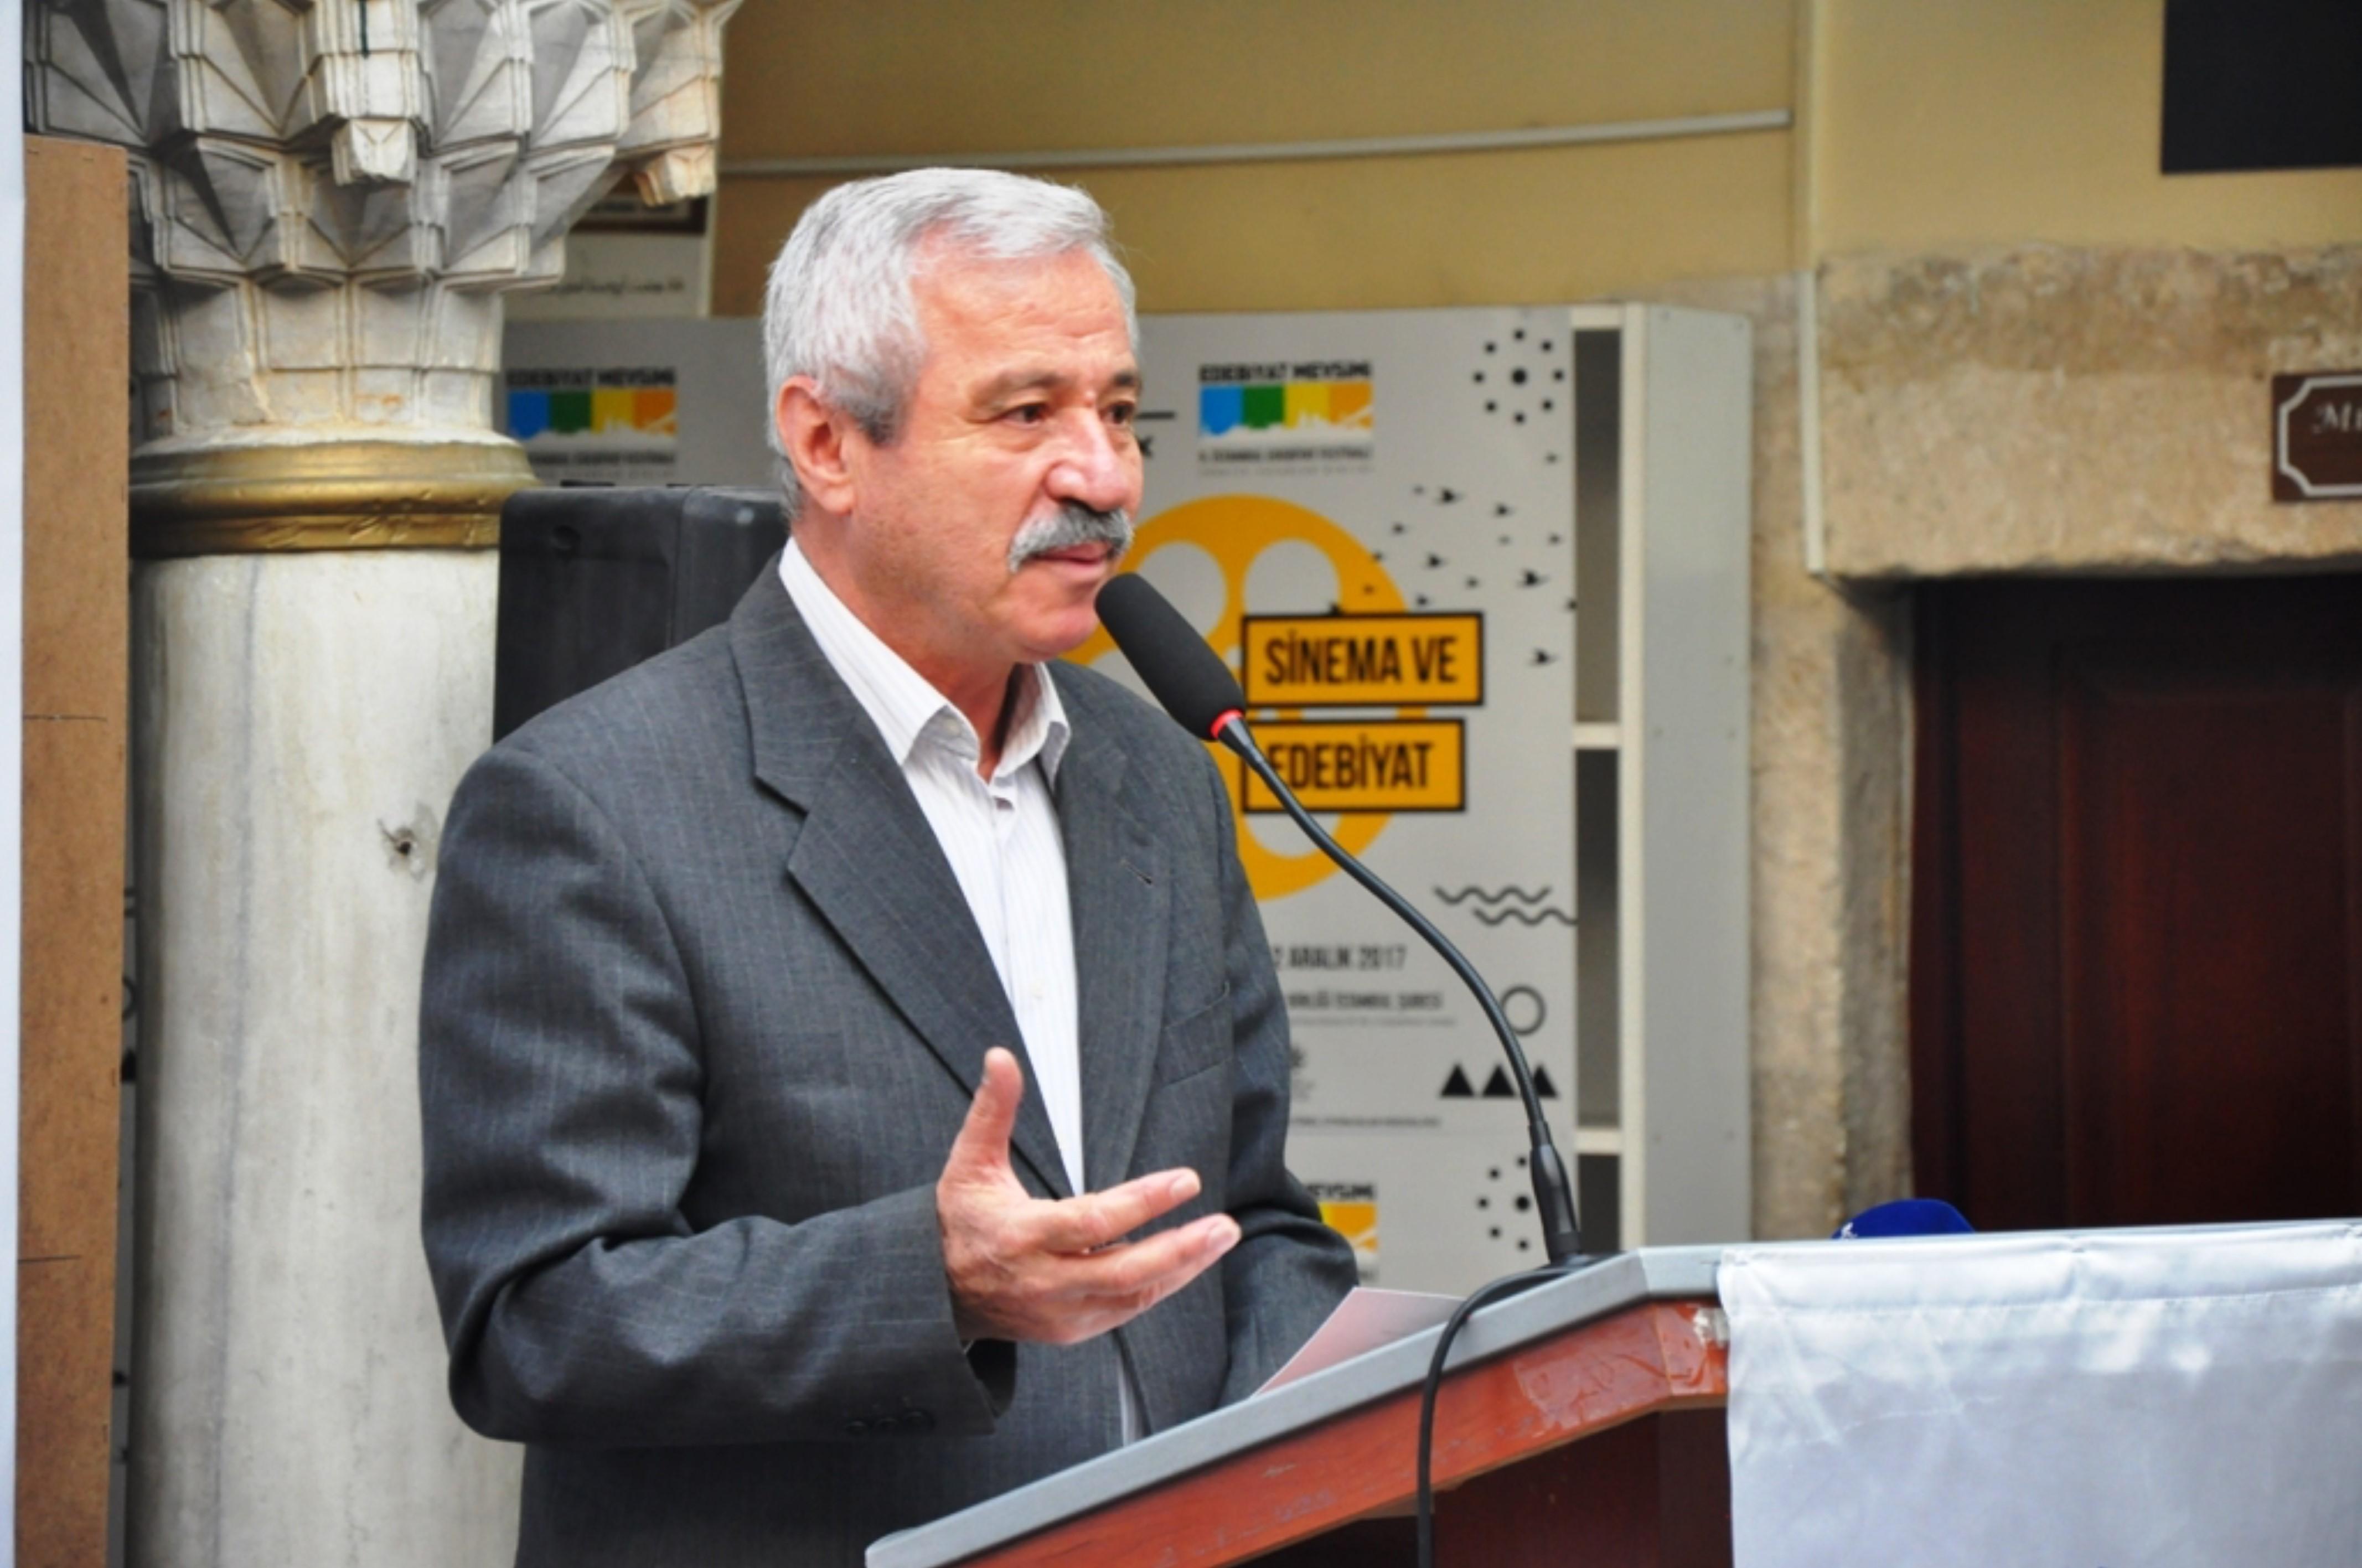 """D. Mehmet Doğan: """"Görüntü bombardımanı altında yaşamaya ve düşünmeye çalışıyoruz."""""""